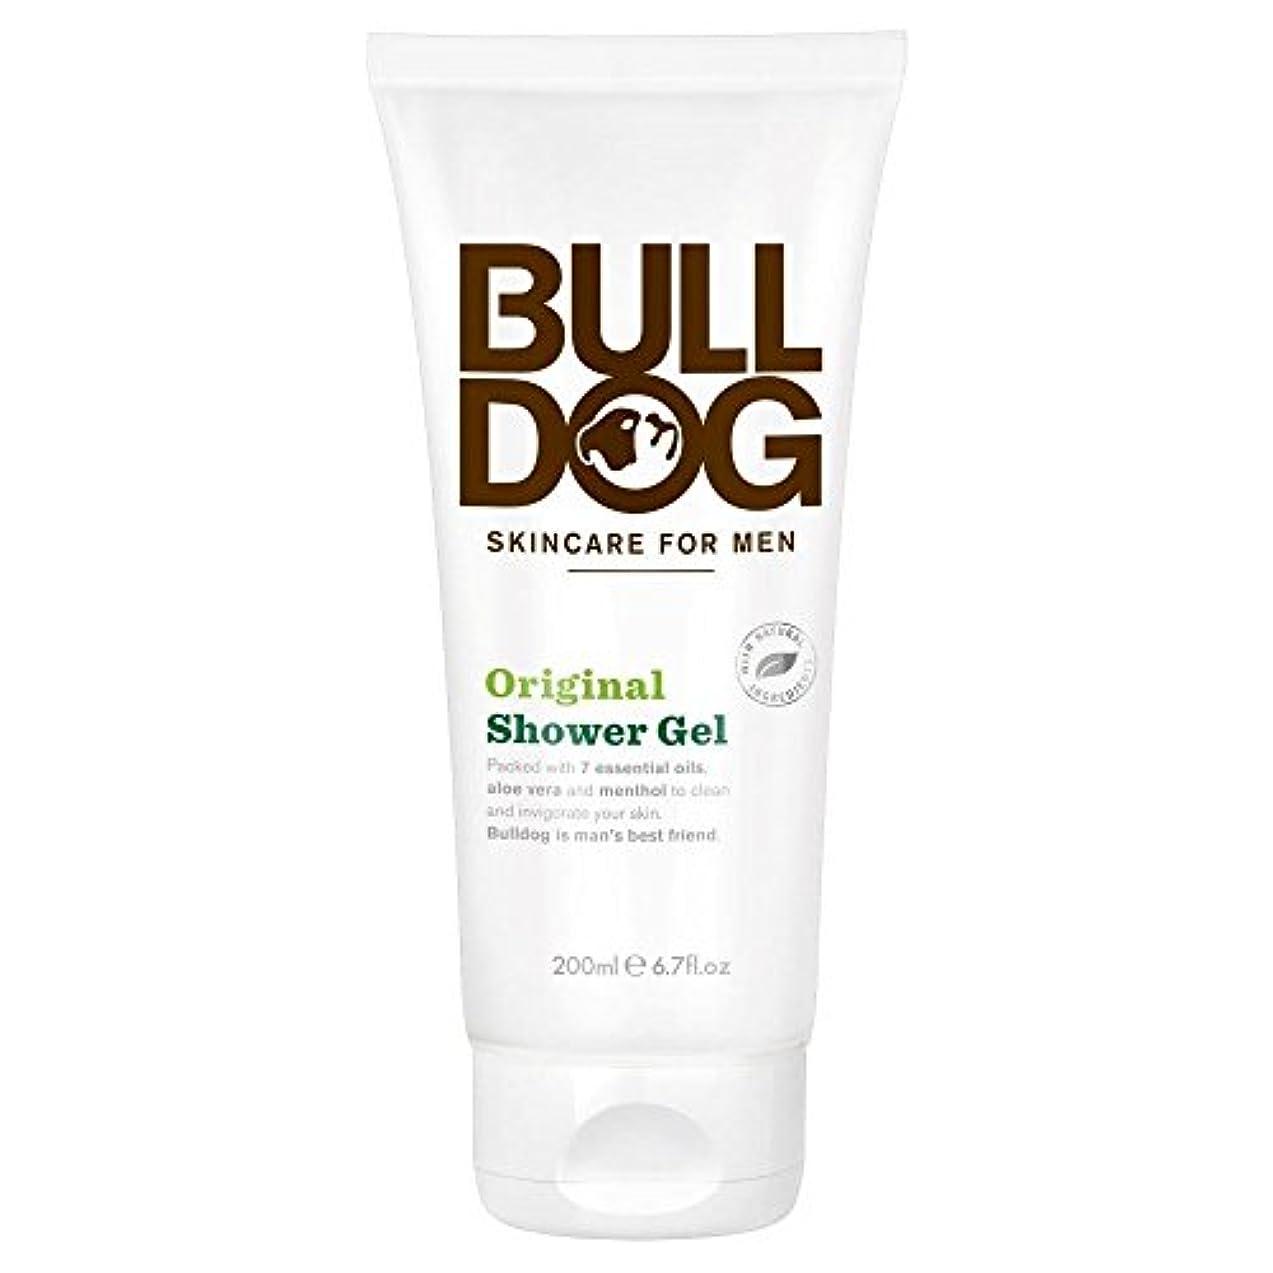 実質的遺体安置所吸い込むBulldog Shower Gel - Original (200ml) ブルドッグのシャワージェル - 元( 200ミリリットル)